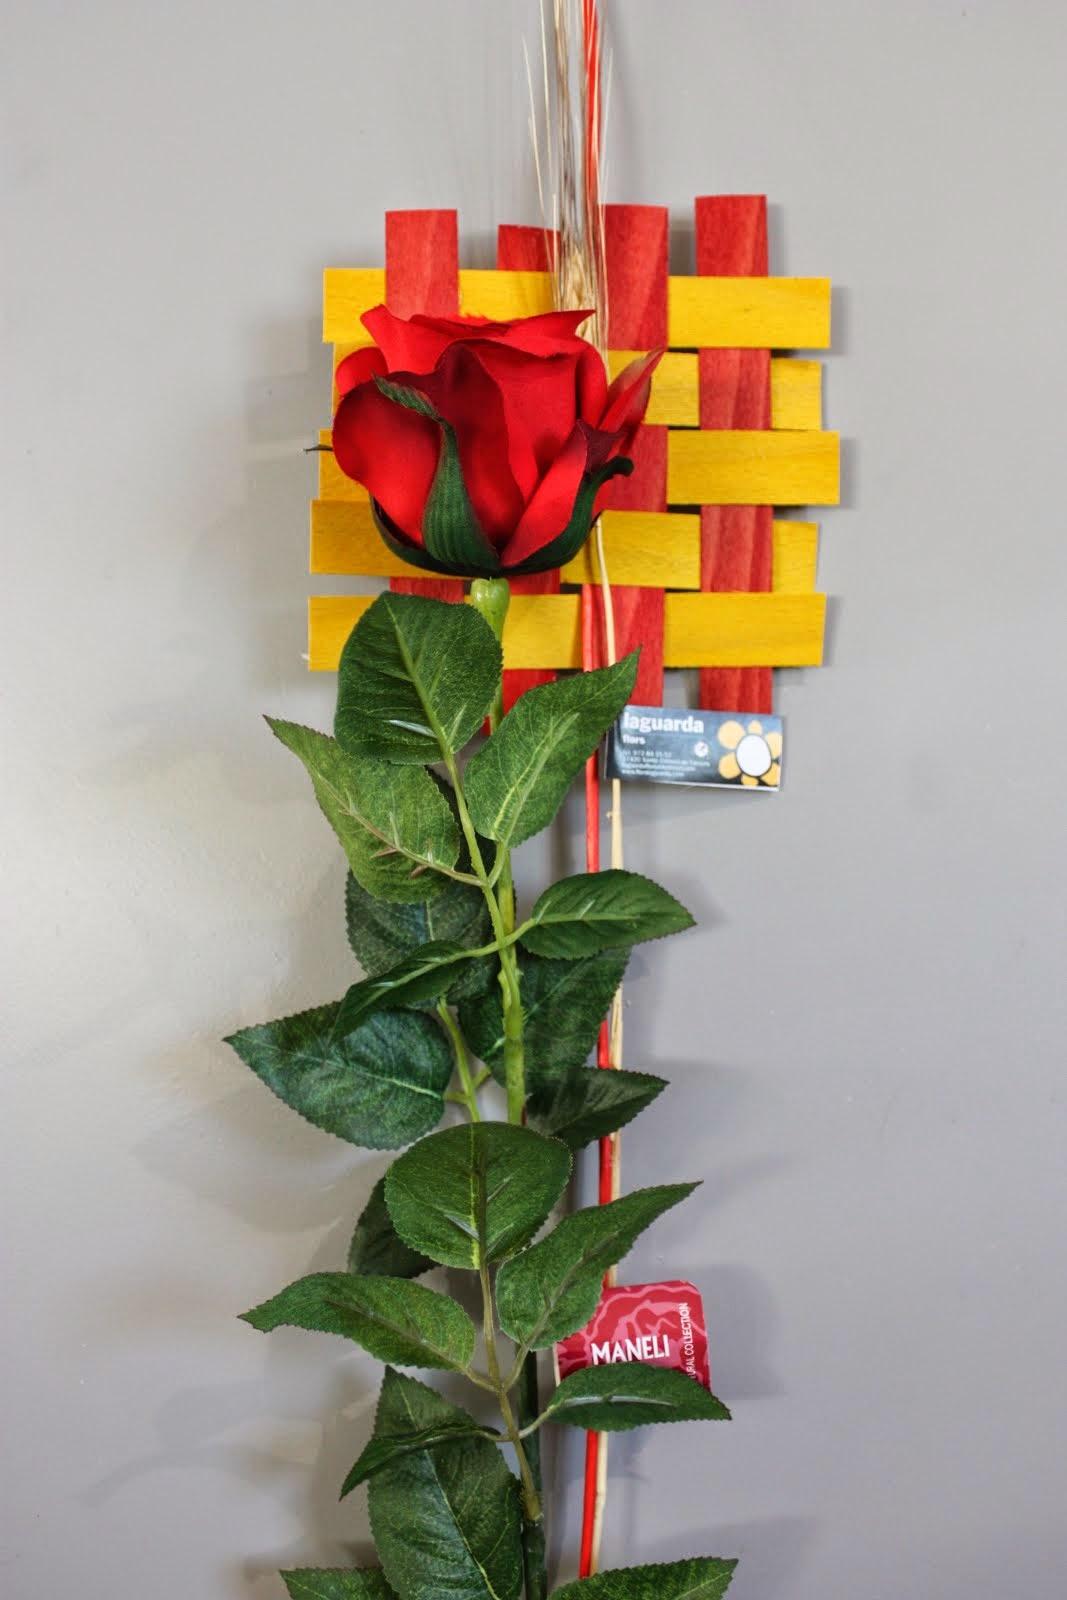 2014 Sant Jordi - Flors Laguarda